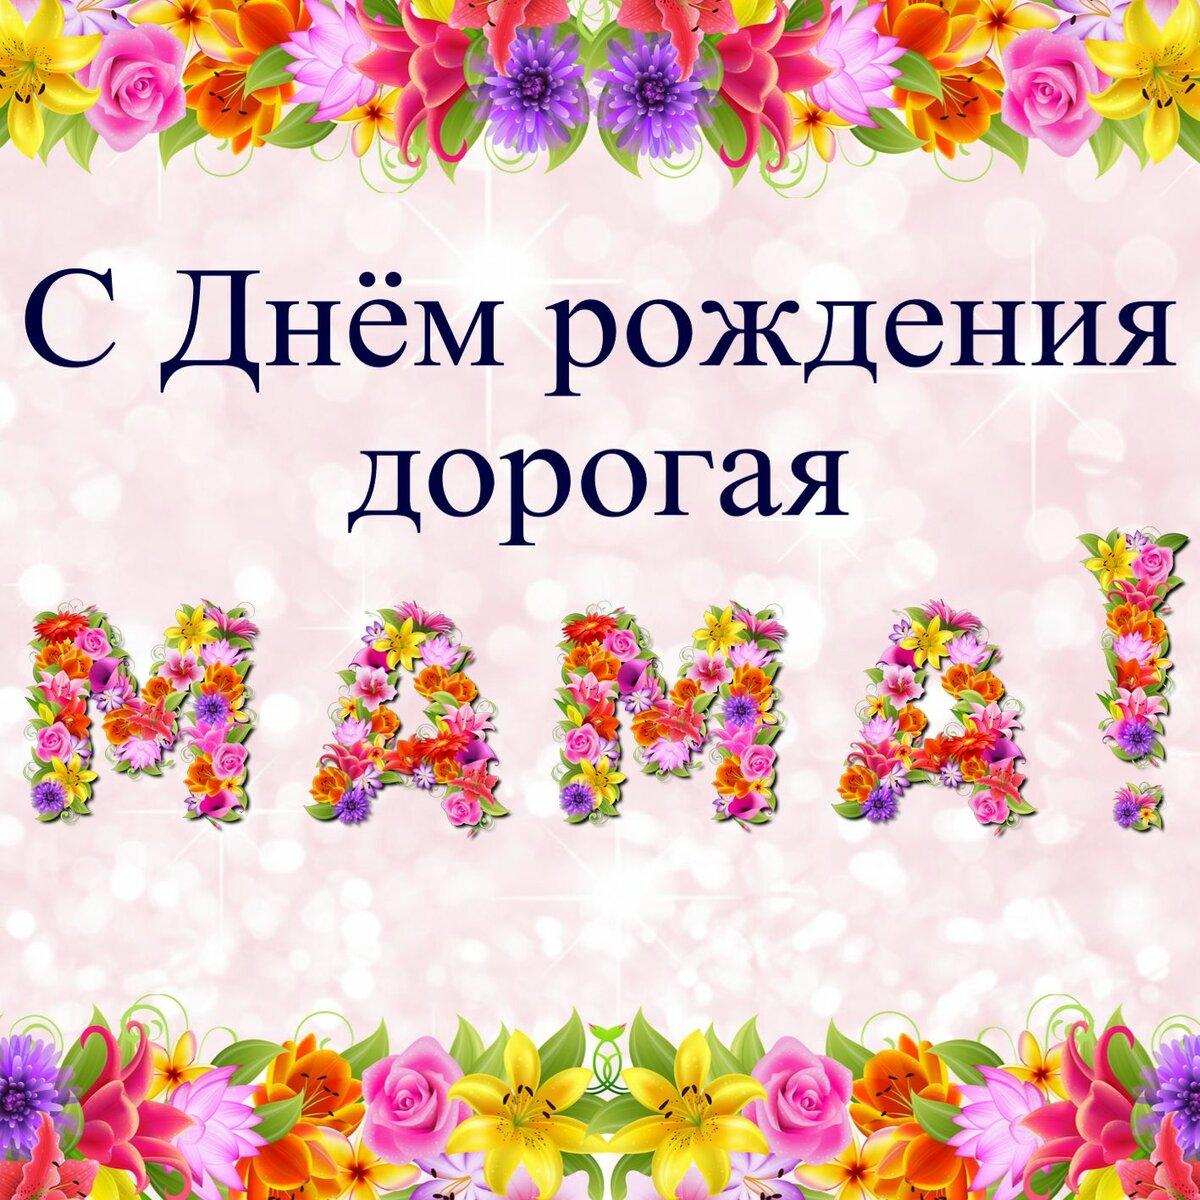 Самое лучшее поздравление для мамы в день рождения